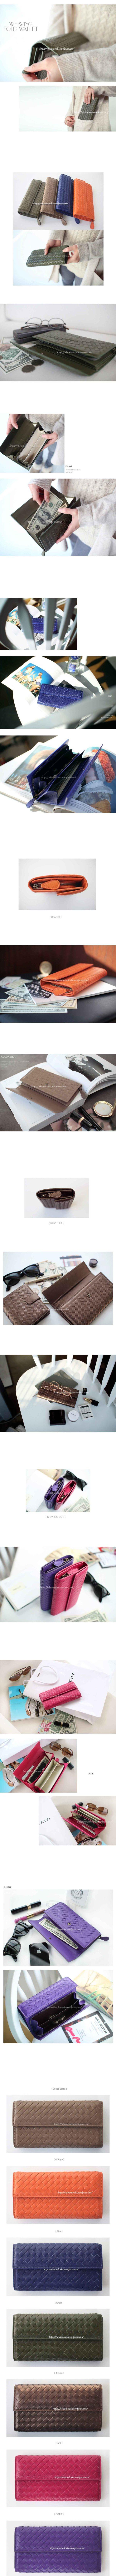 So_weaving_wallet釦子編織包1